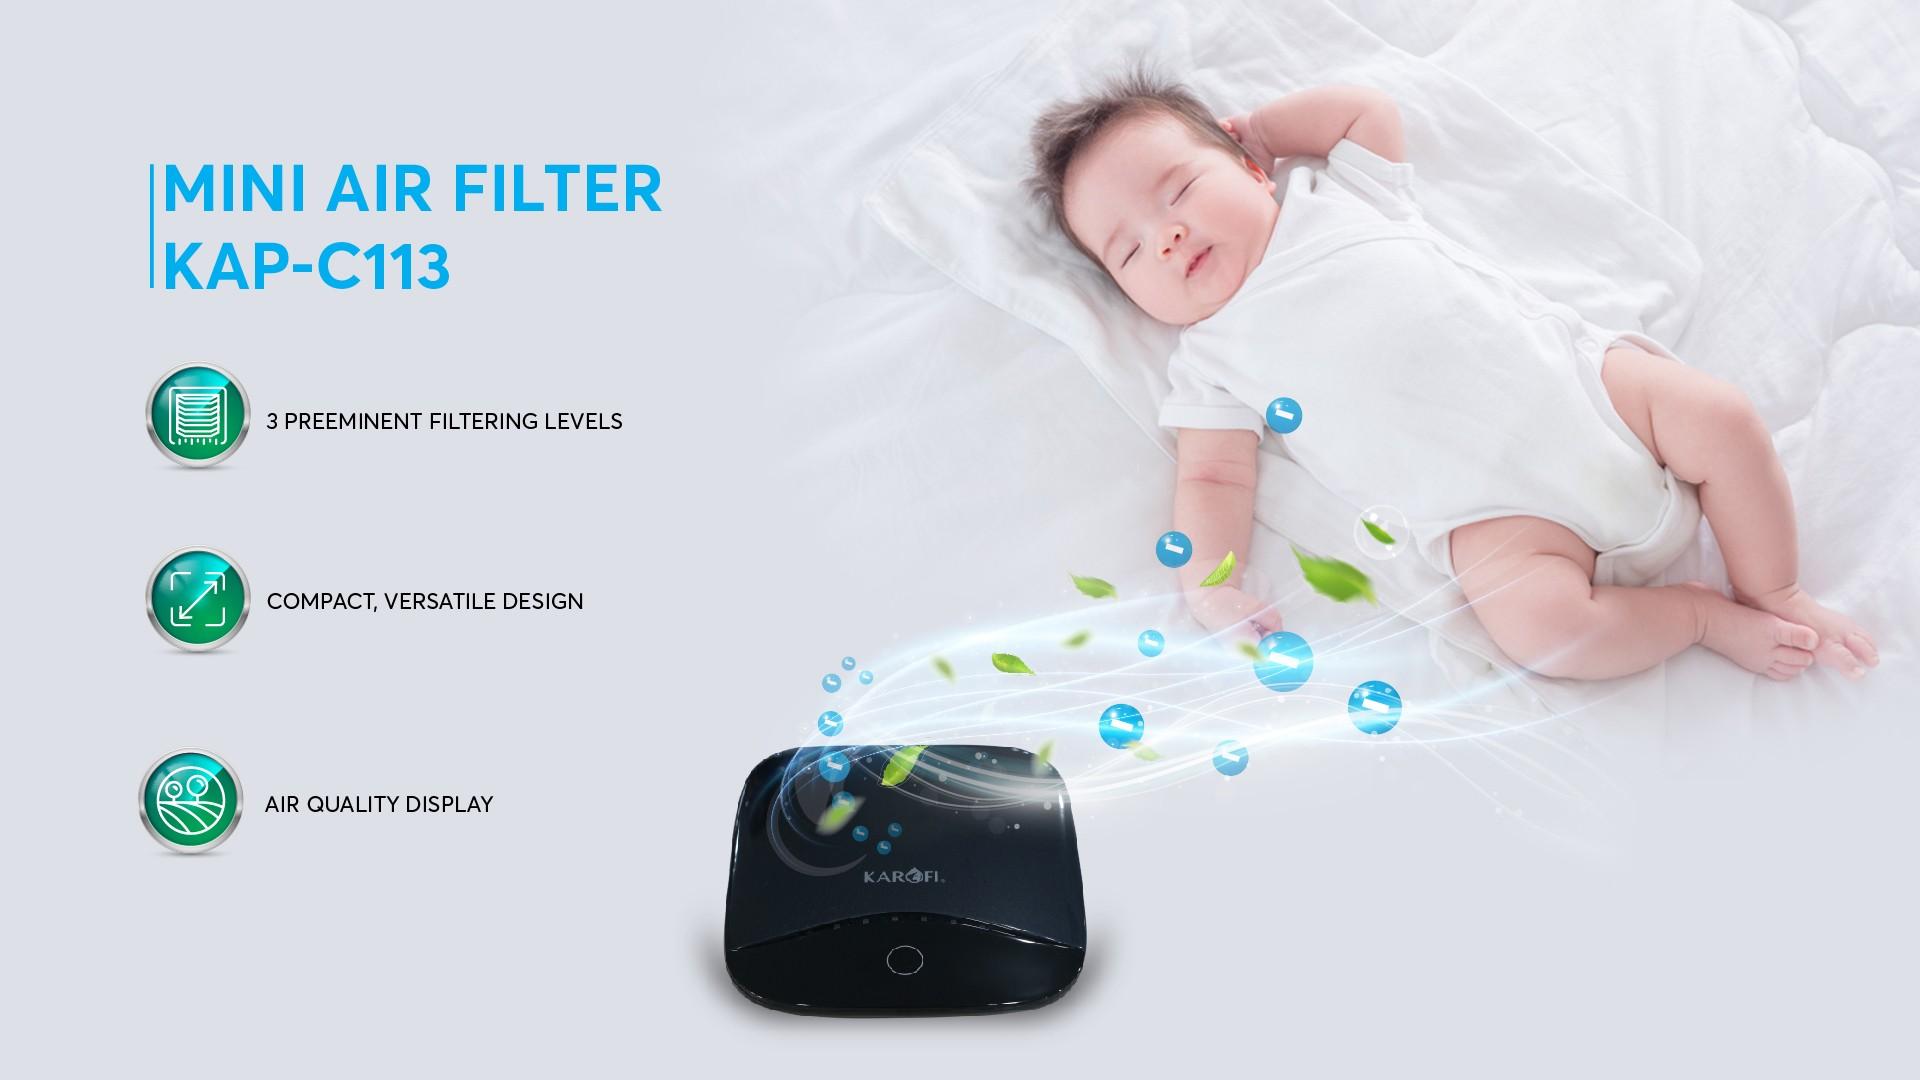 karofi-kap-c113-mini-air-filter